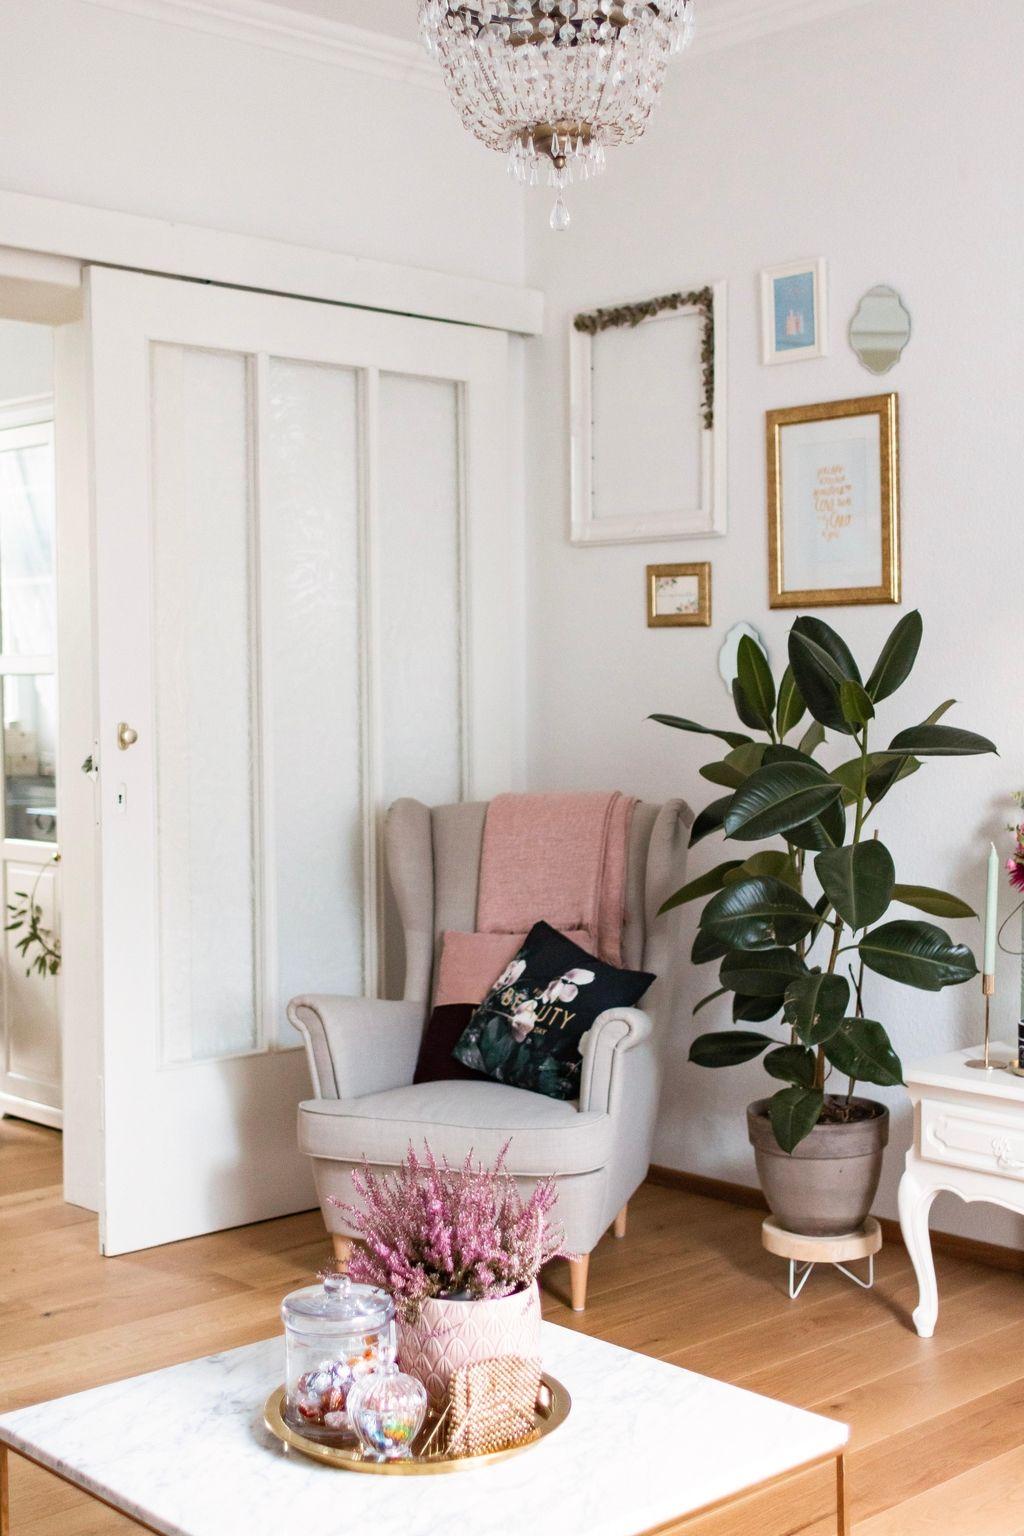 Unsere gemütliche Sitzecke #cozy #gemütlich #Wohnzi  Sitzecke